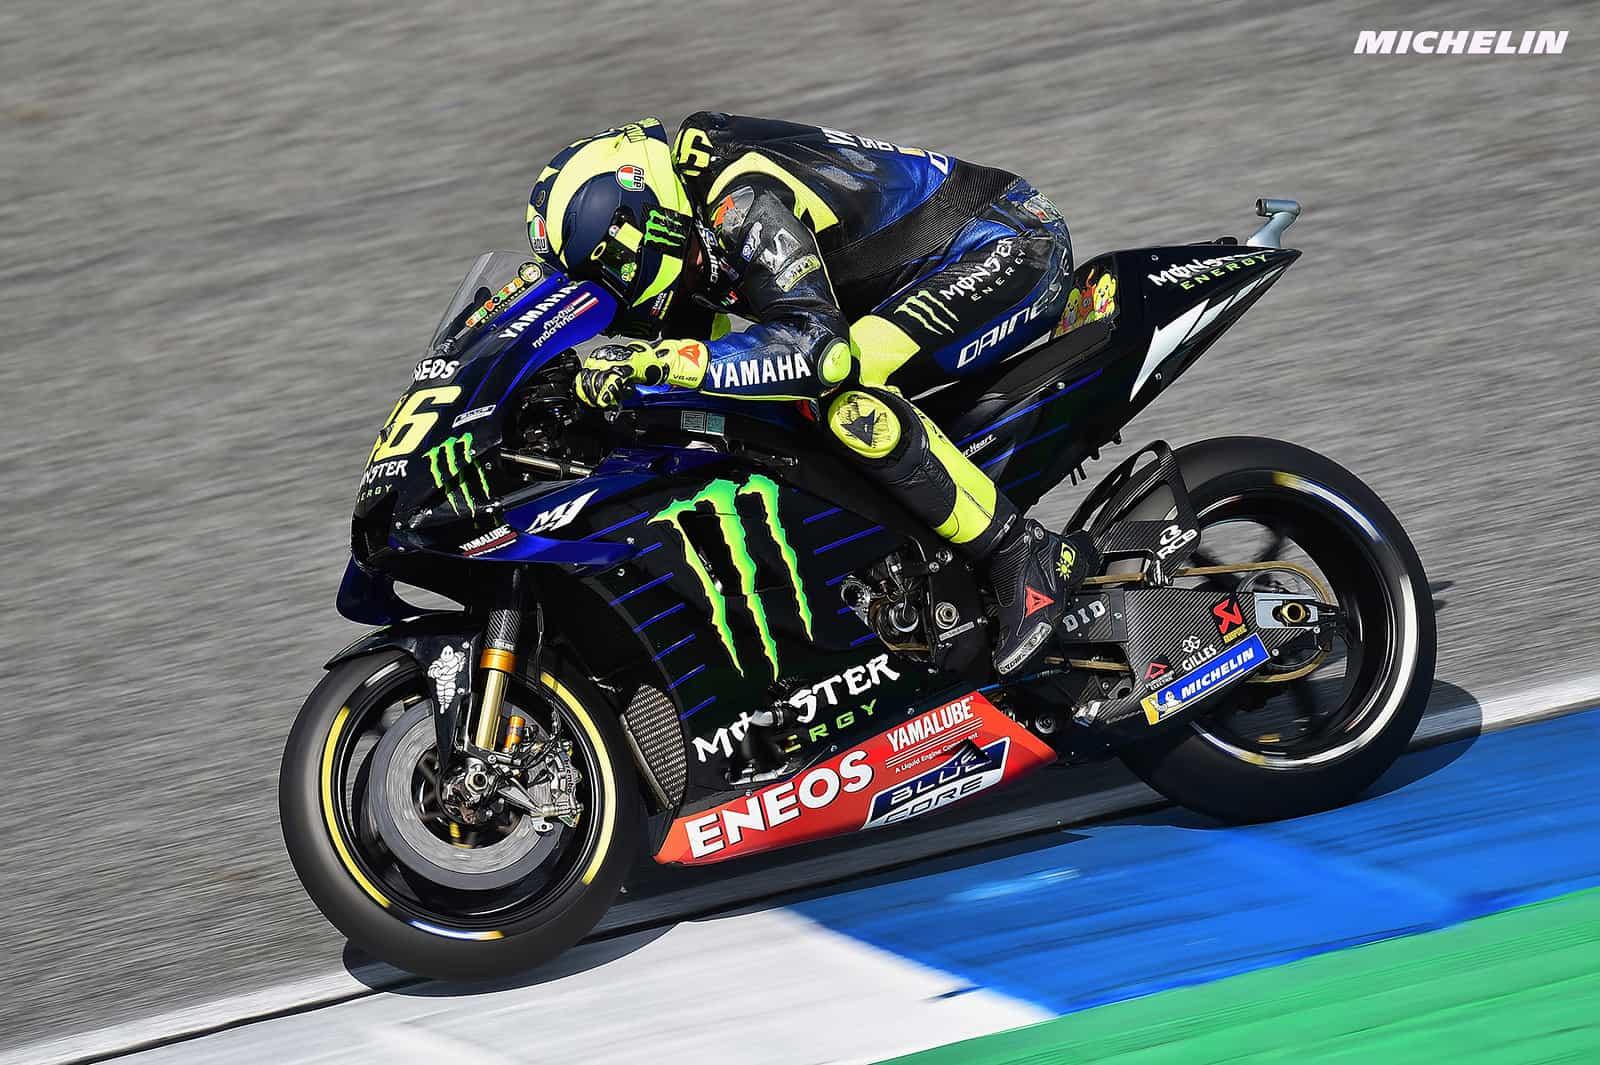 MotoGP2019タイGP 予選9位ロッシ「もう少し良い位置からスタート出来たはず」